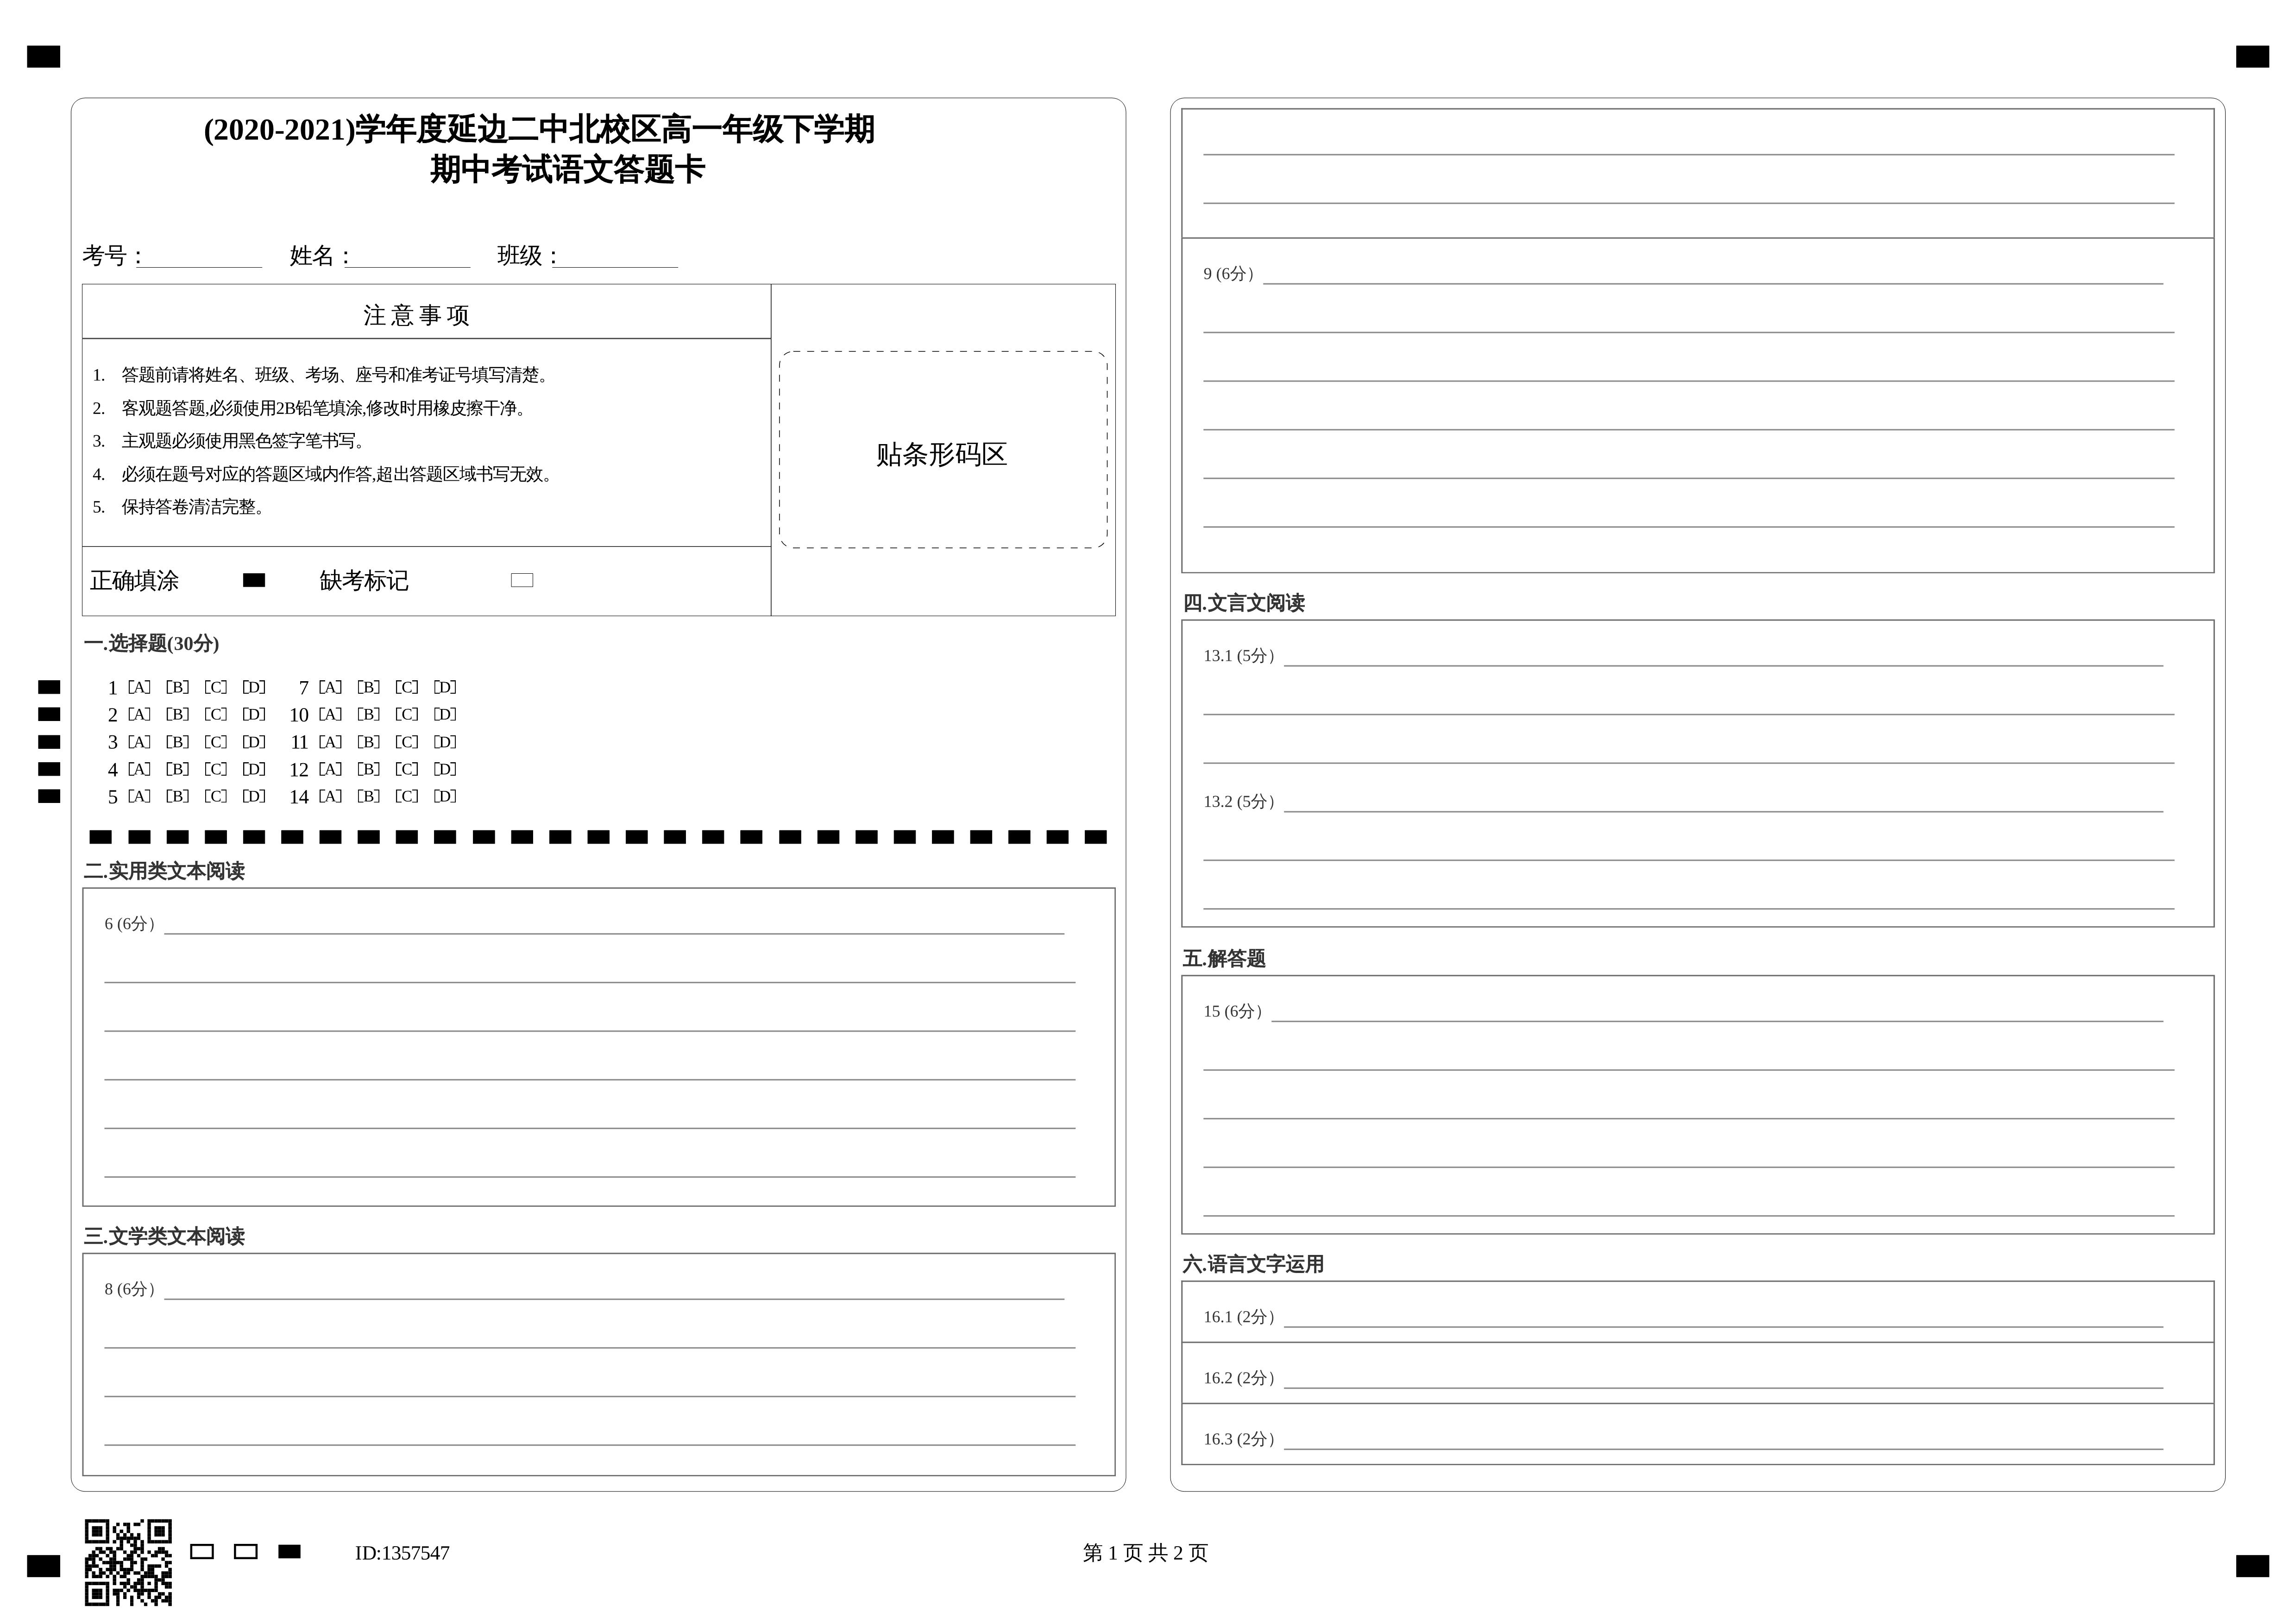 吉林省长春市十一高中2020-2021学年高二下学期第三学程考试语文试题 Word版含答案